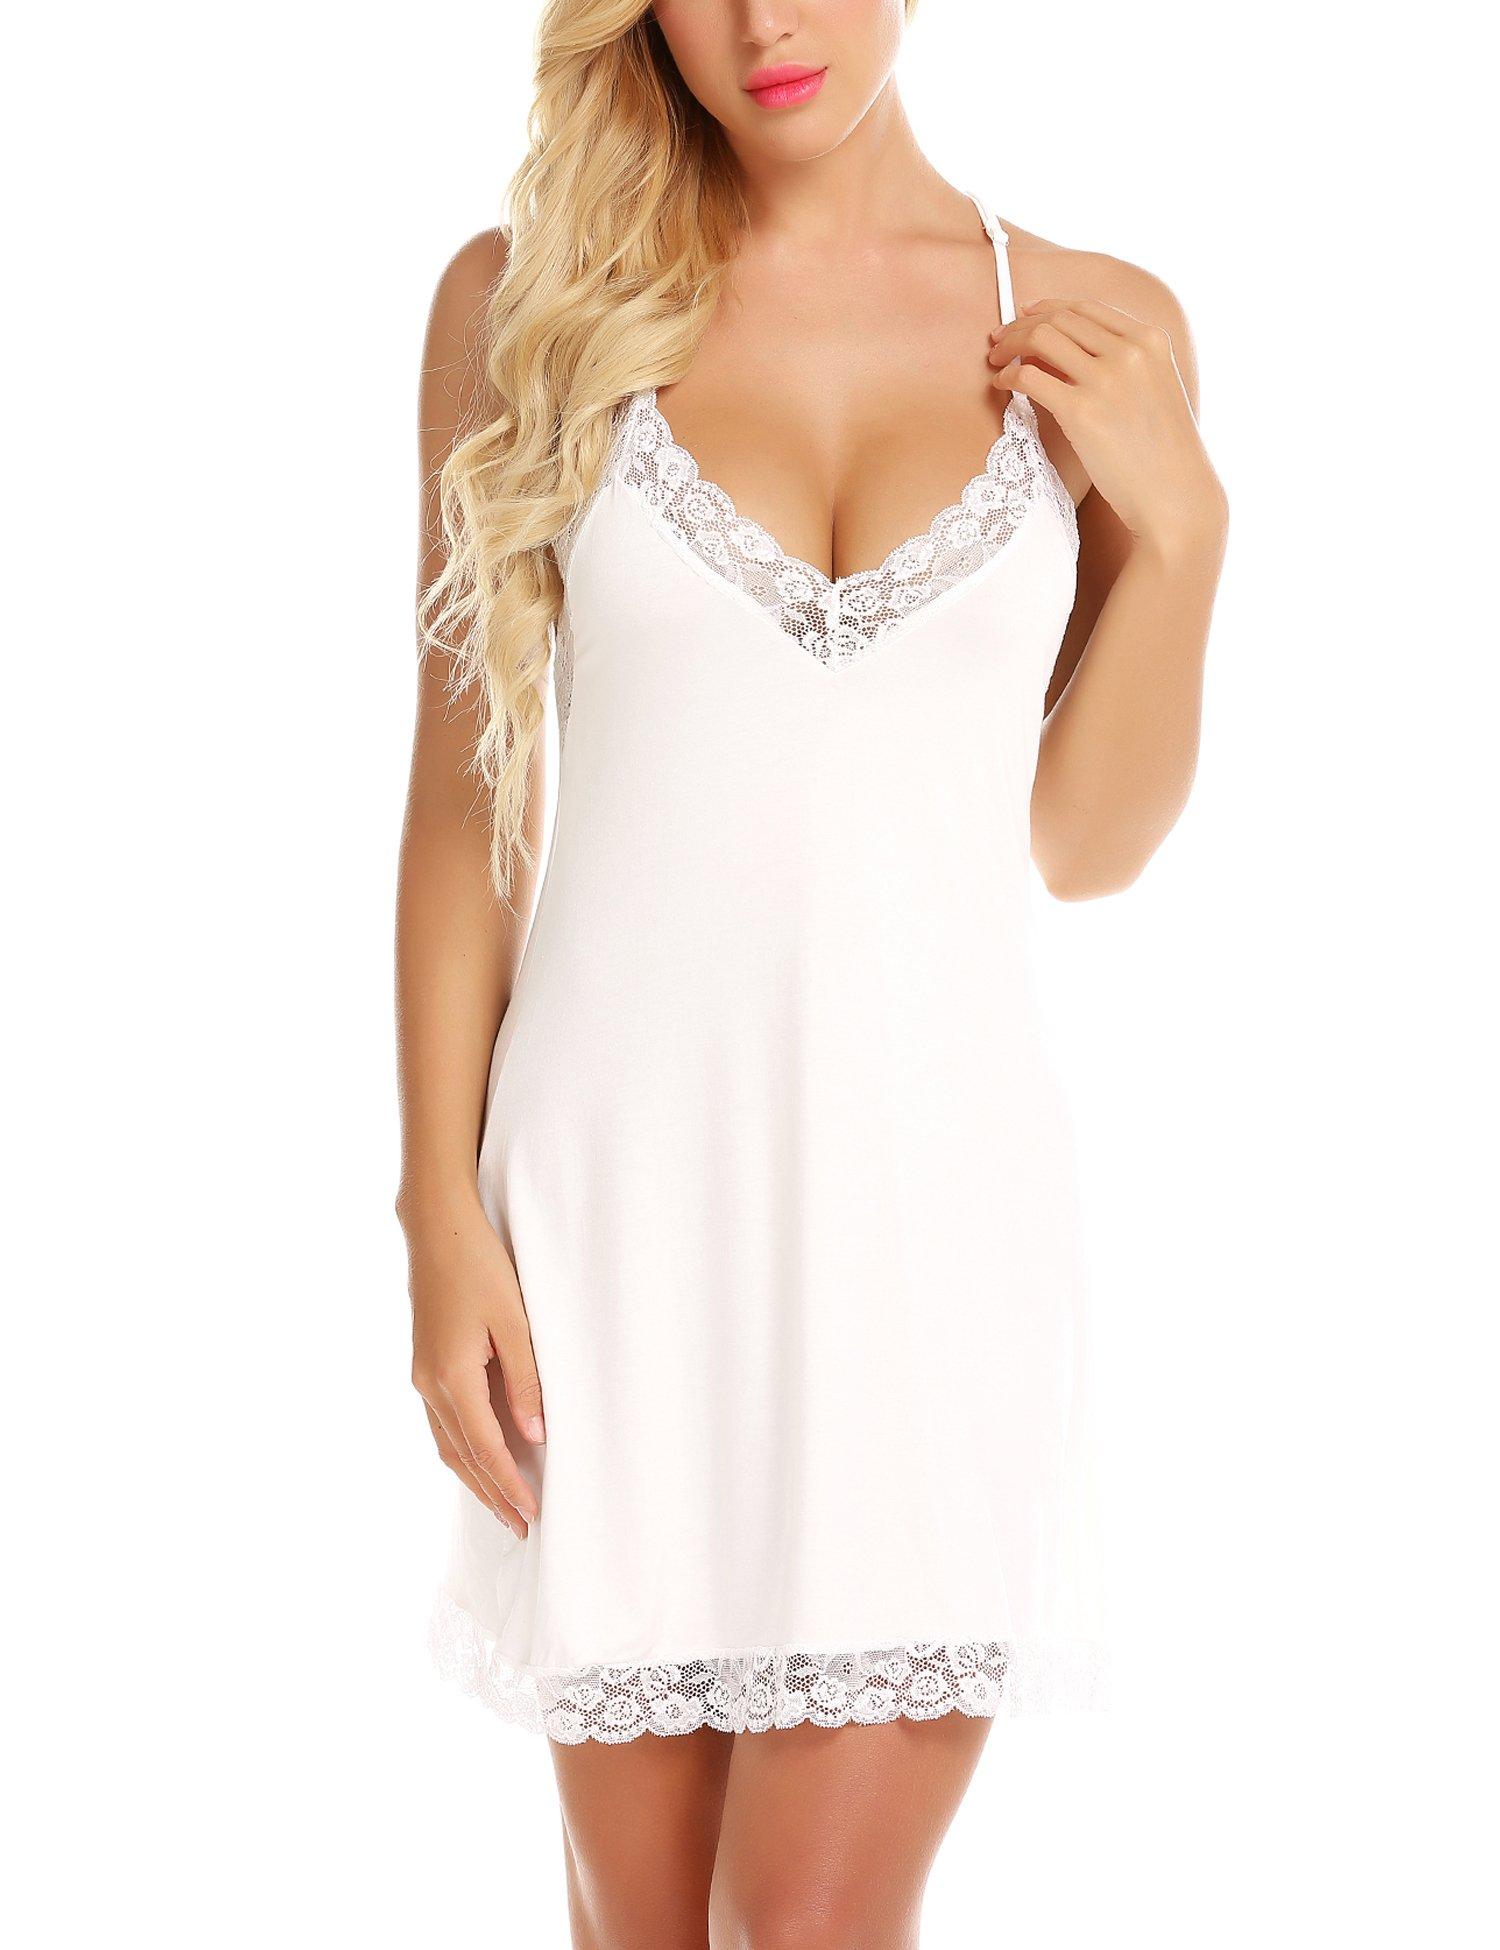 RSLOVE Women Lace Lingerie Sleepwear Chemises V-Neck Full Slip Babydoll Nightgown Dress White L